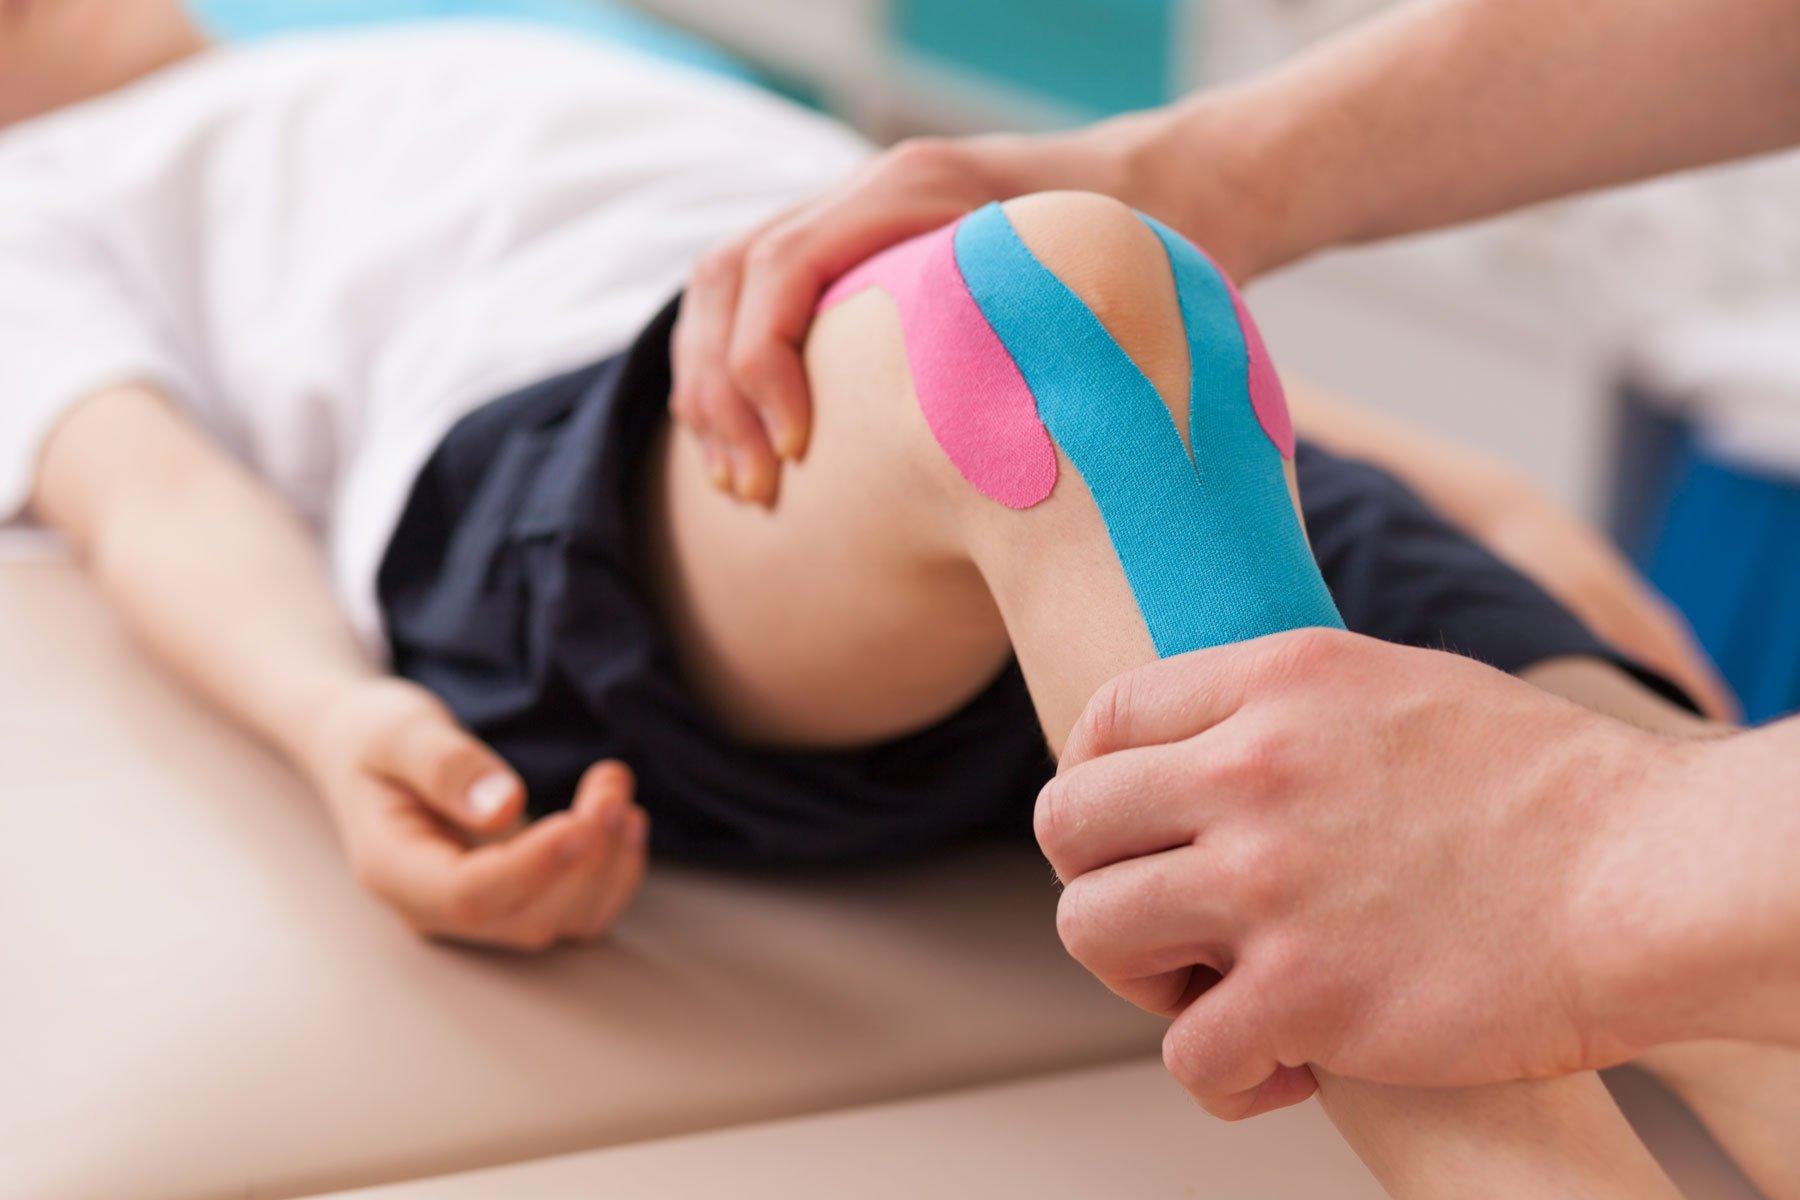 L'utilizzo di tecniche manuali si affianca allo sfruttamento di apparecchiature elettromedicali, particolarmente indicate per la stimolazione e il risveglio dei muscoli